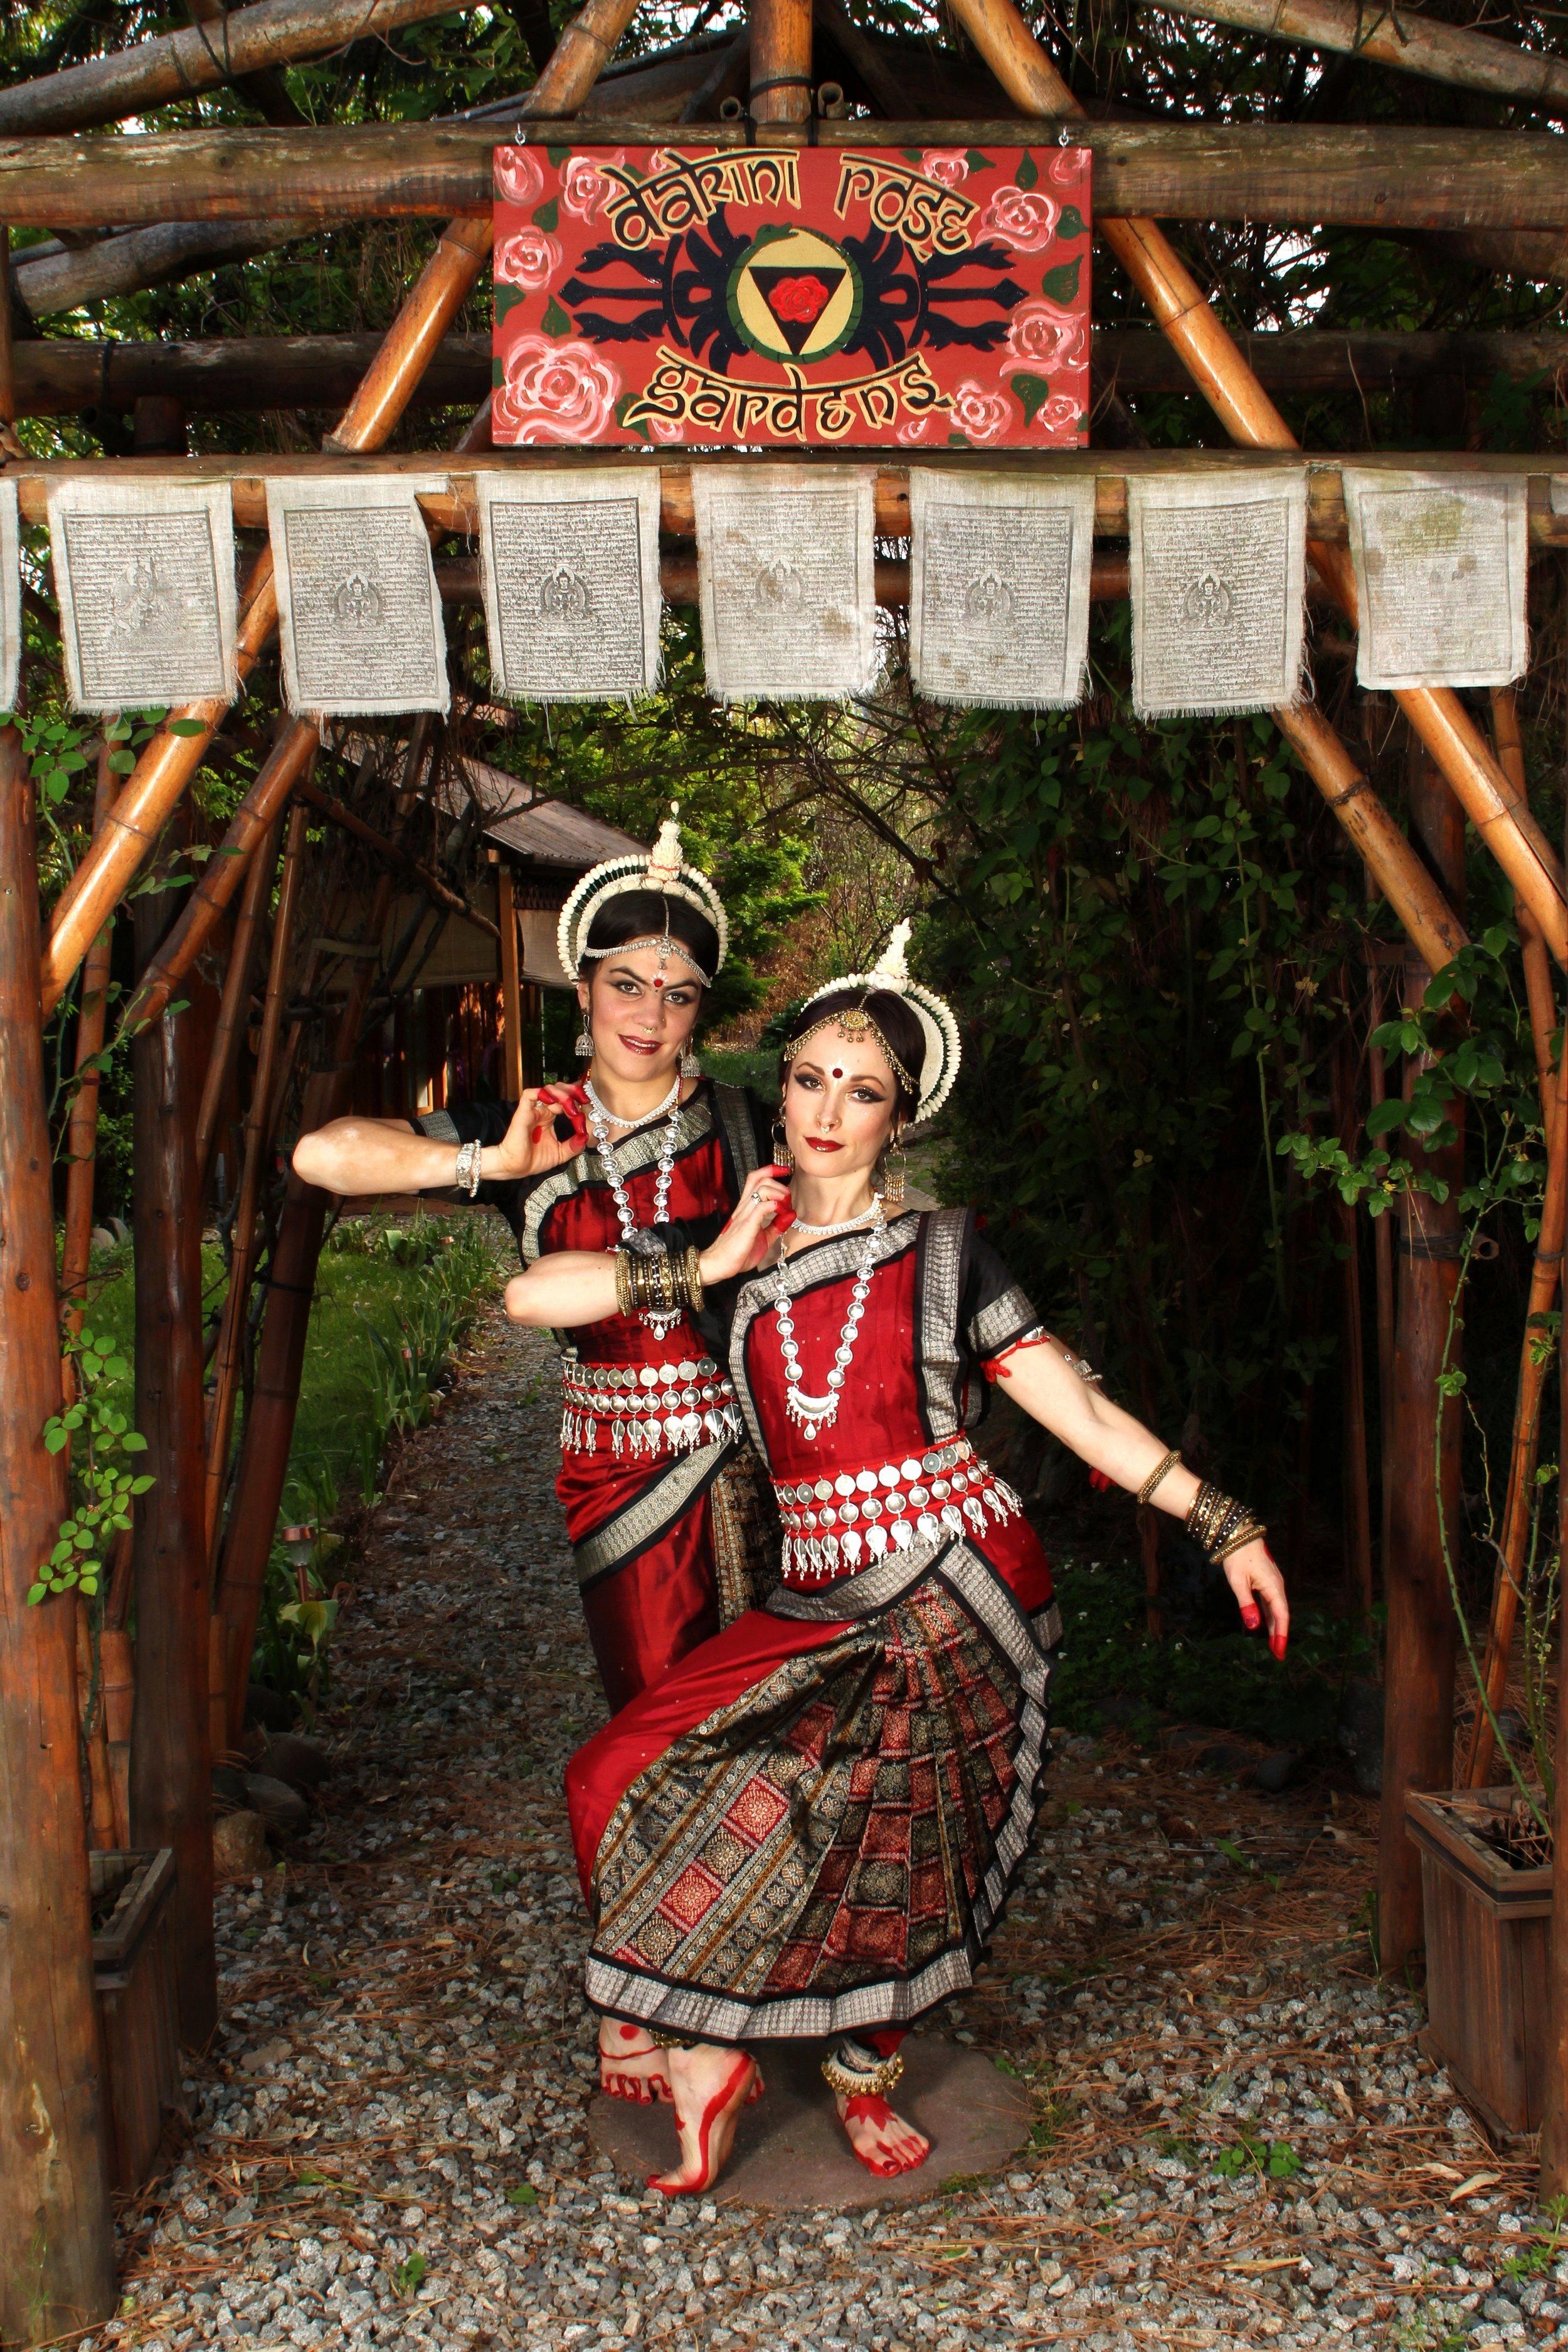 Dakini Rose Devadasi (Ruth Rhiannon & Monique Trinity Rose)